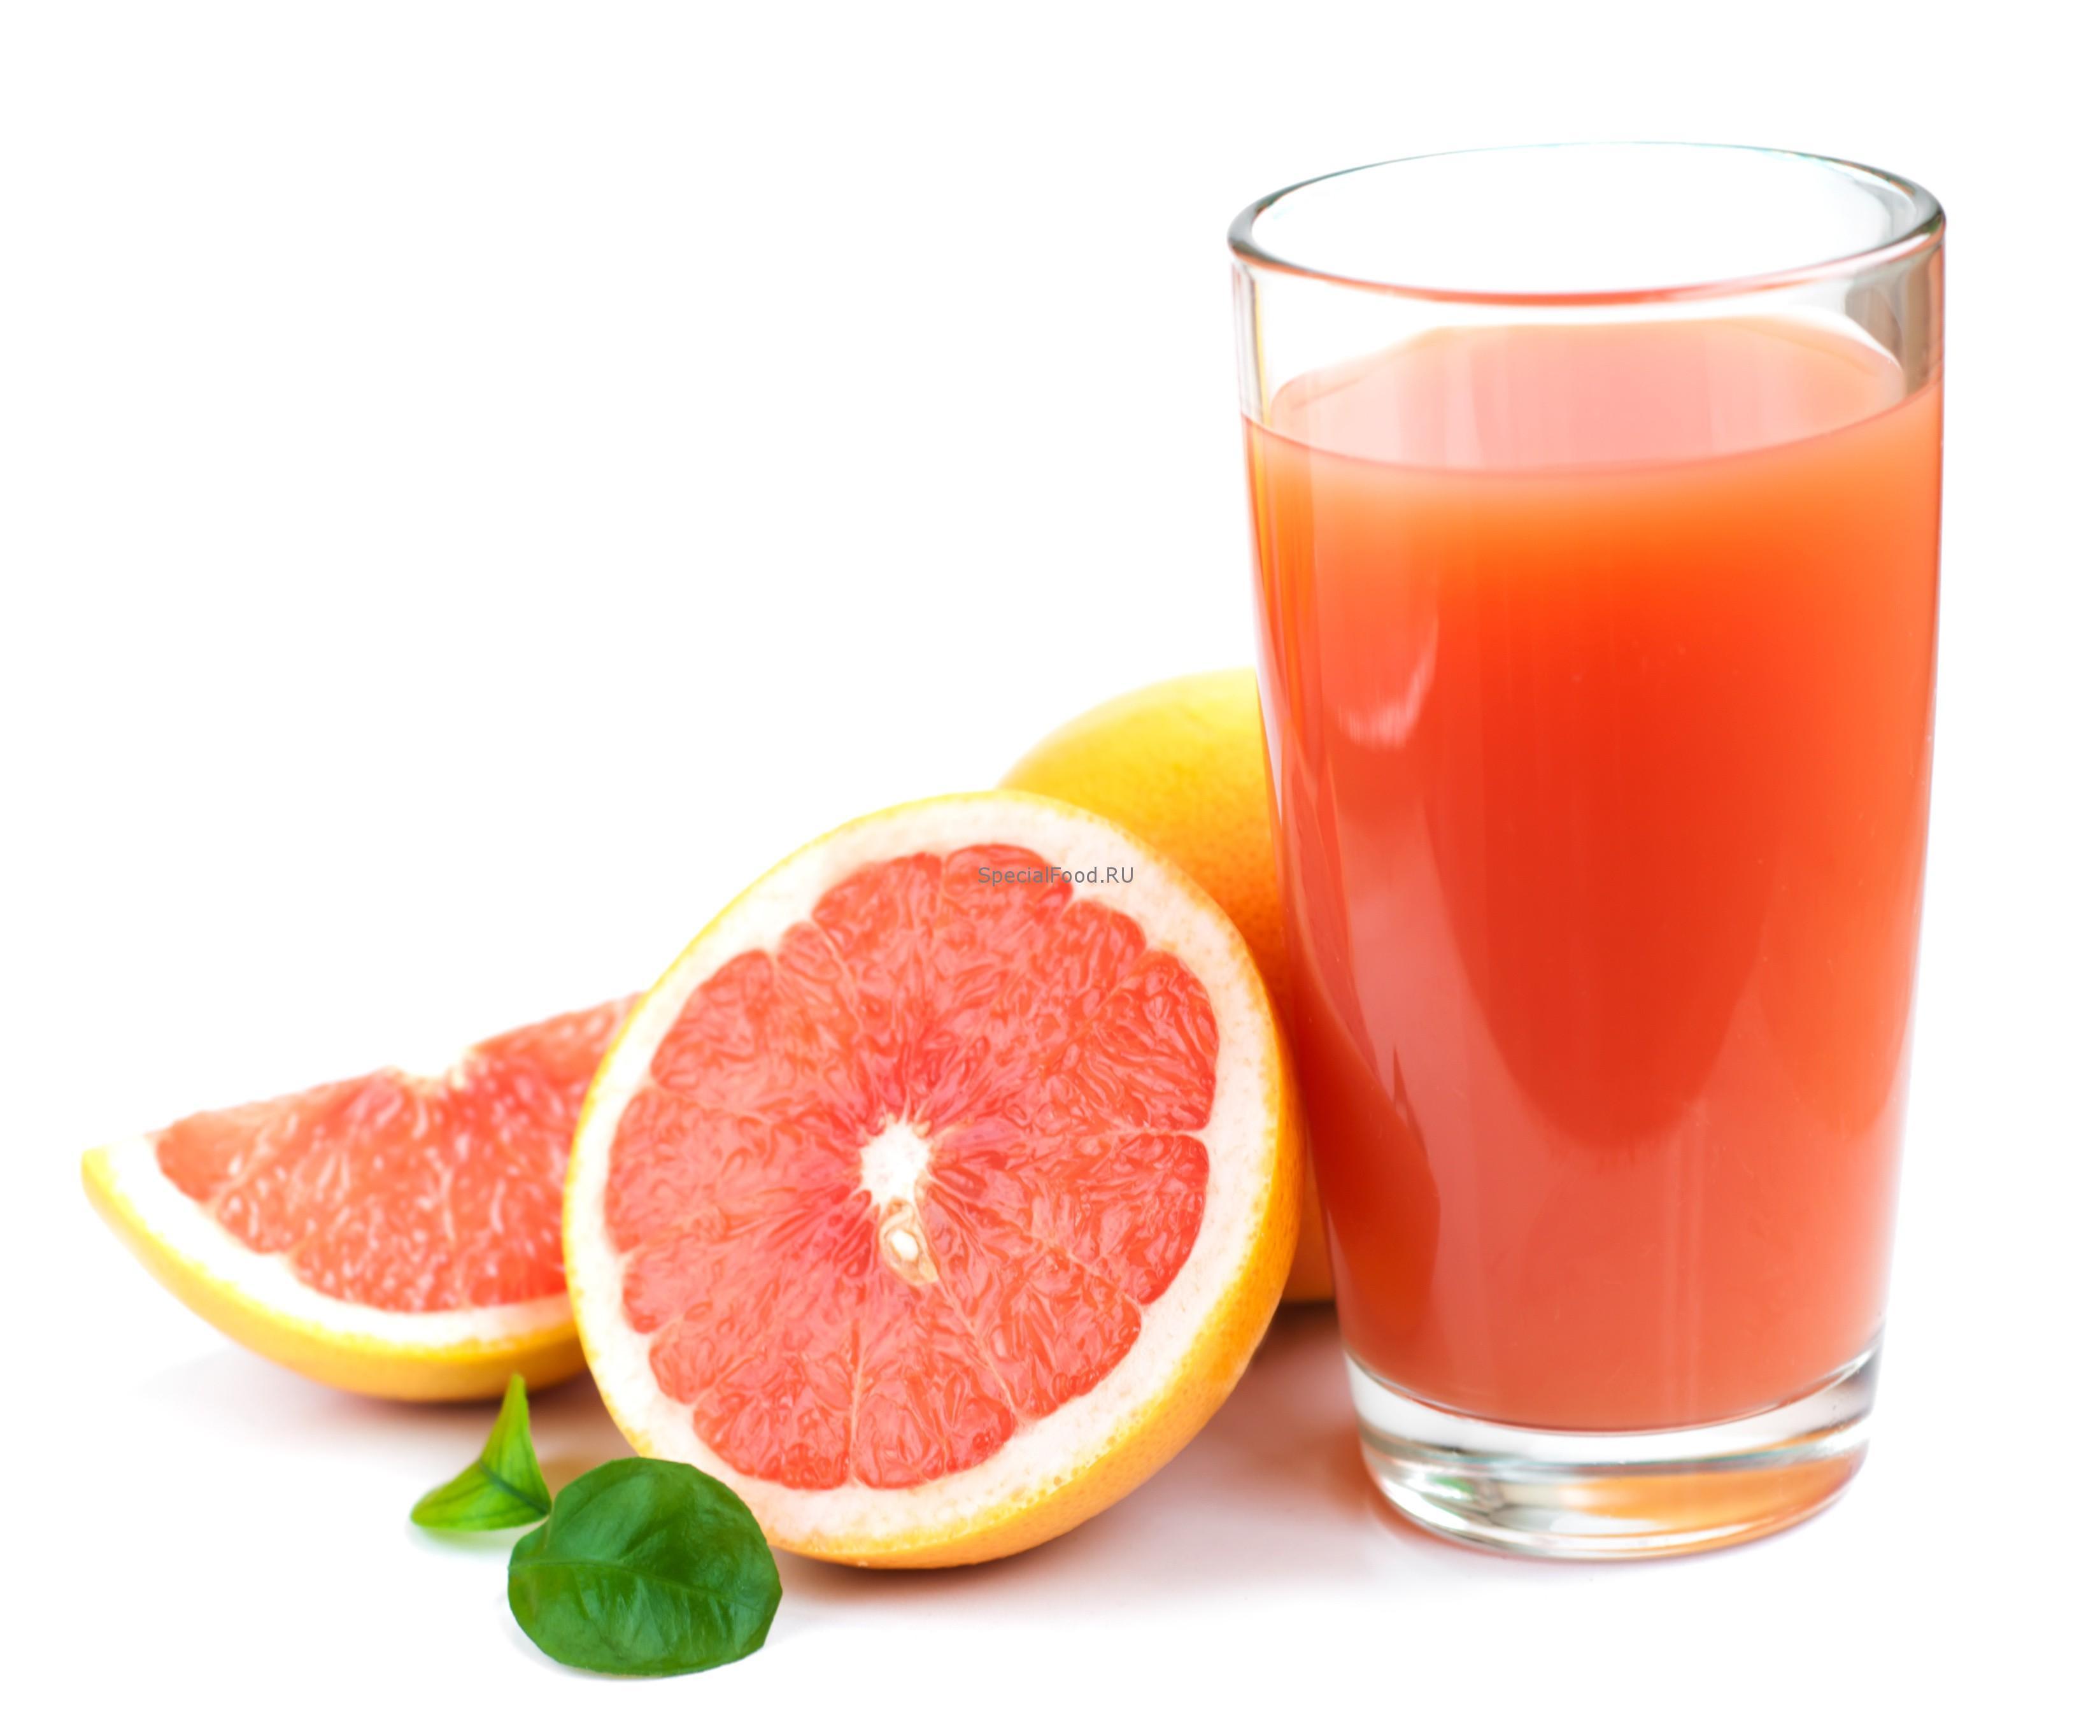 как кушать грейпфрут чтобы похудеть